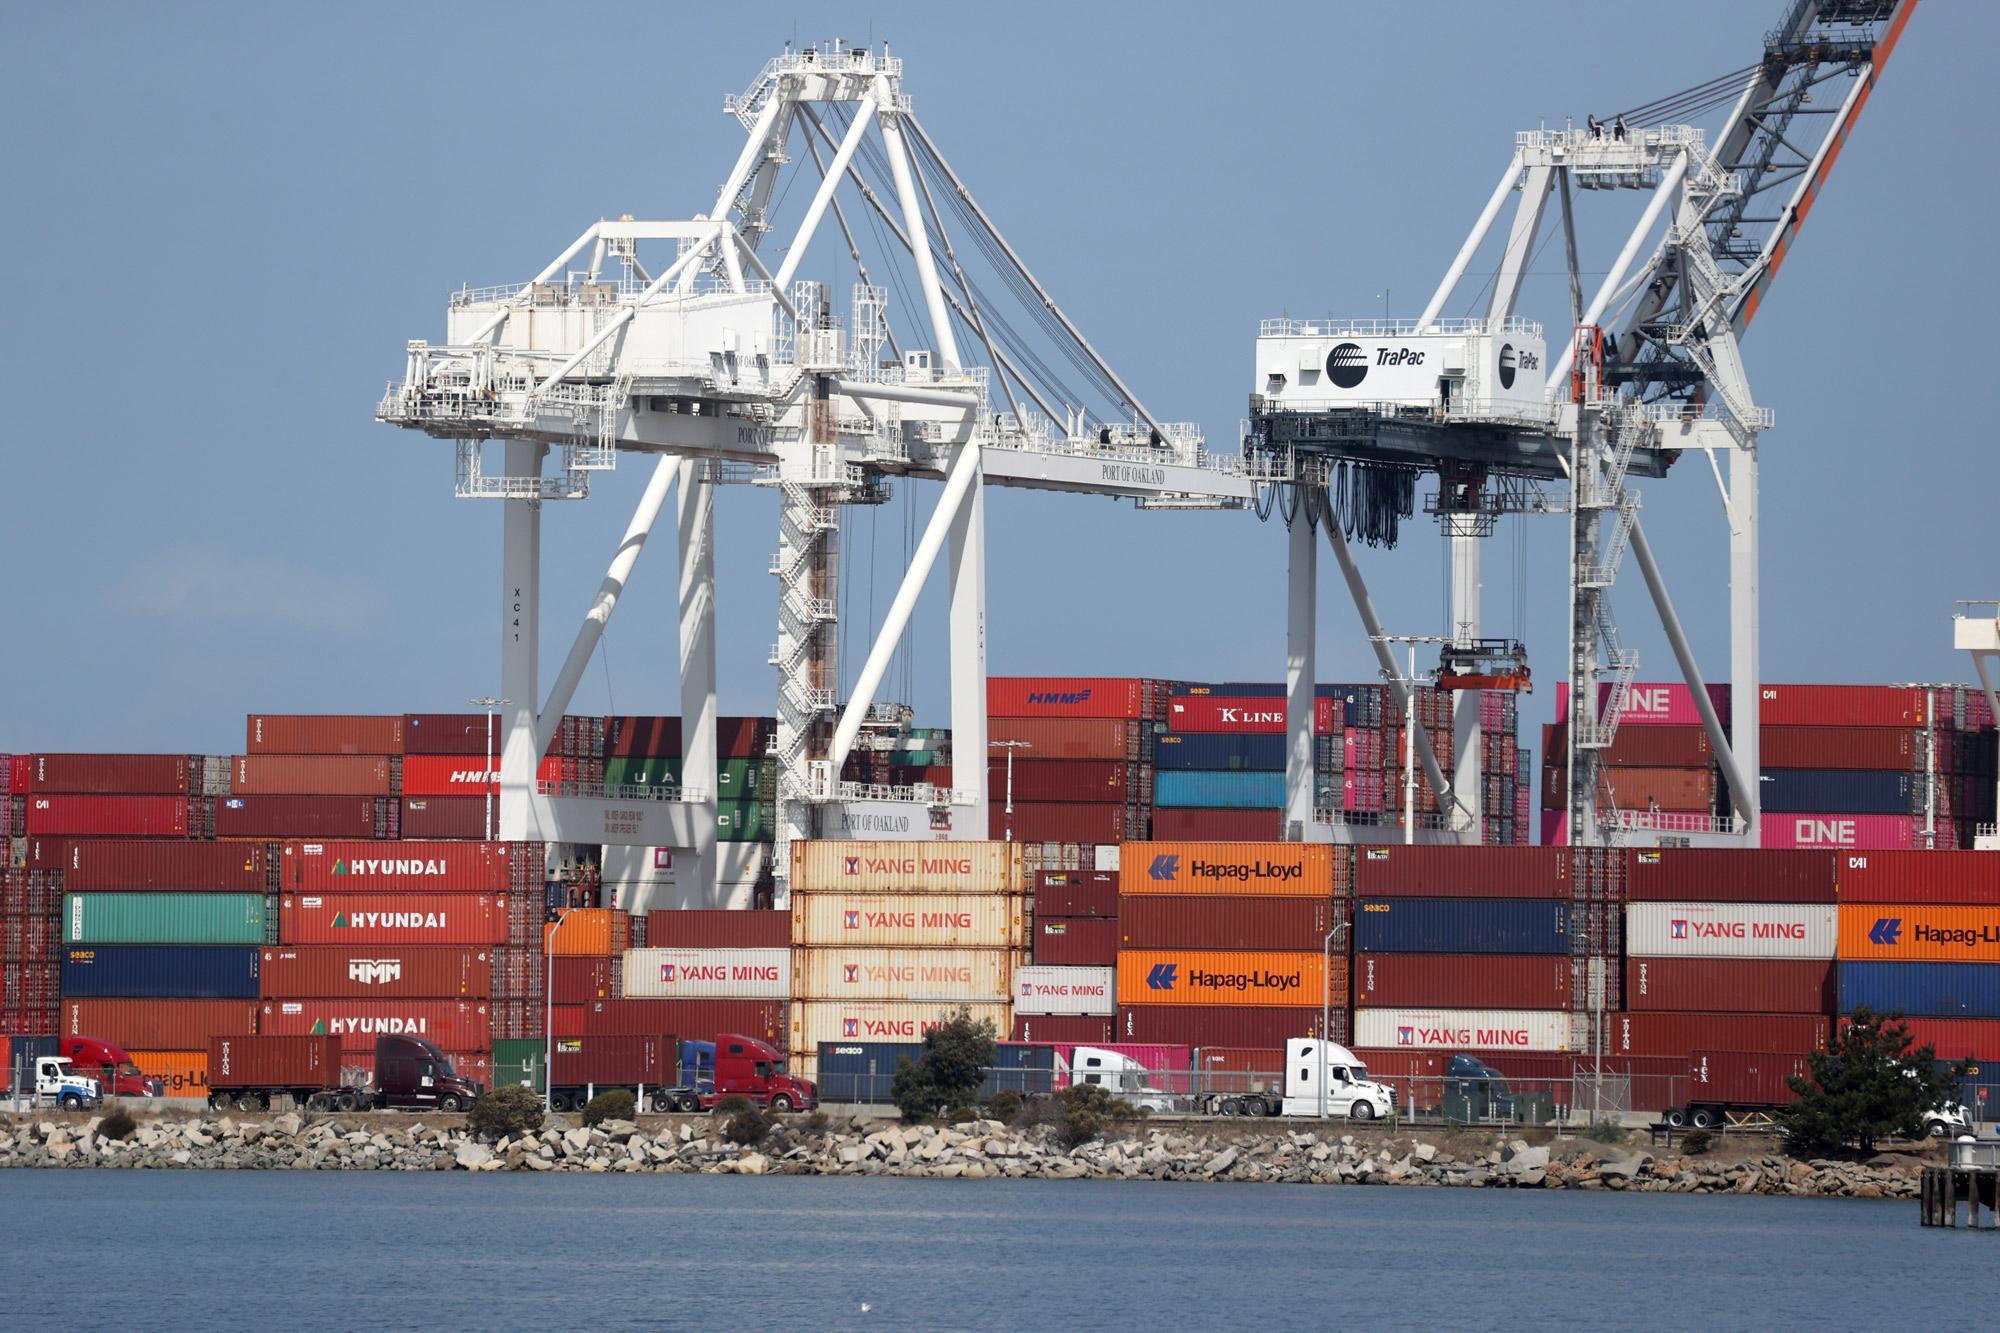 美国贸易逆差攀升至14年来最高水平